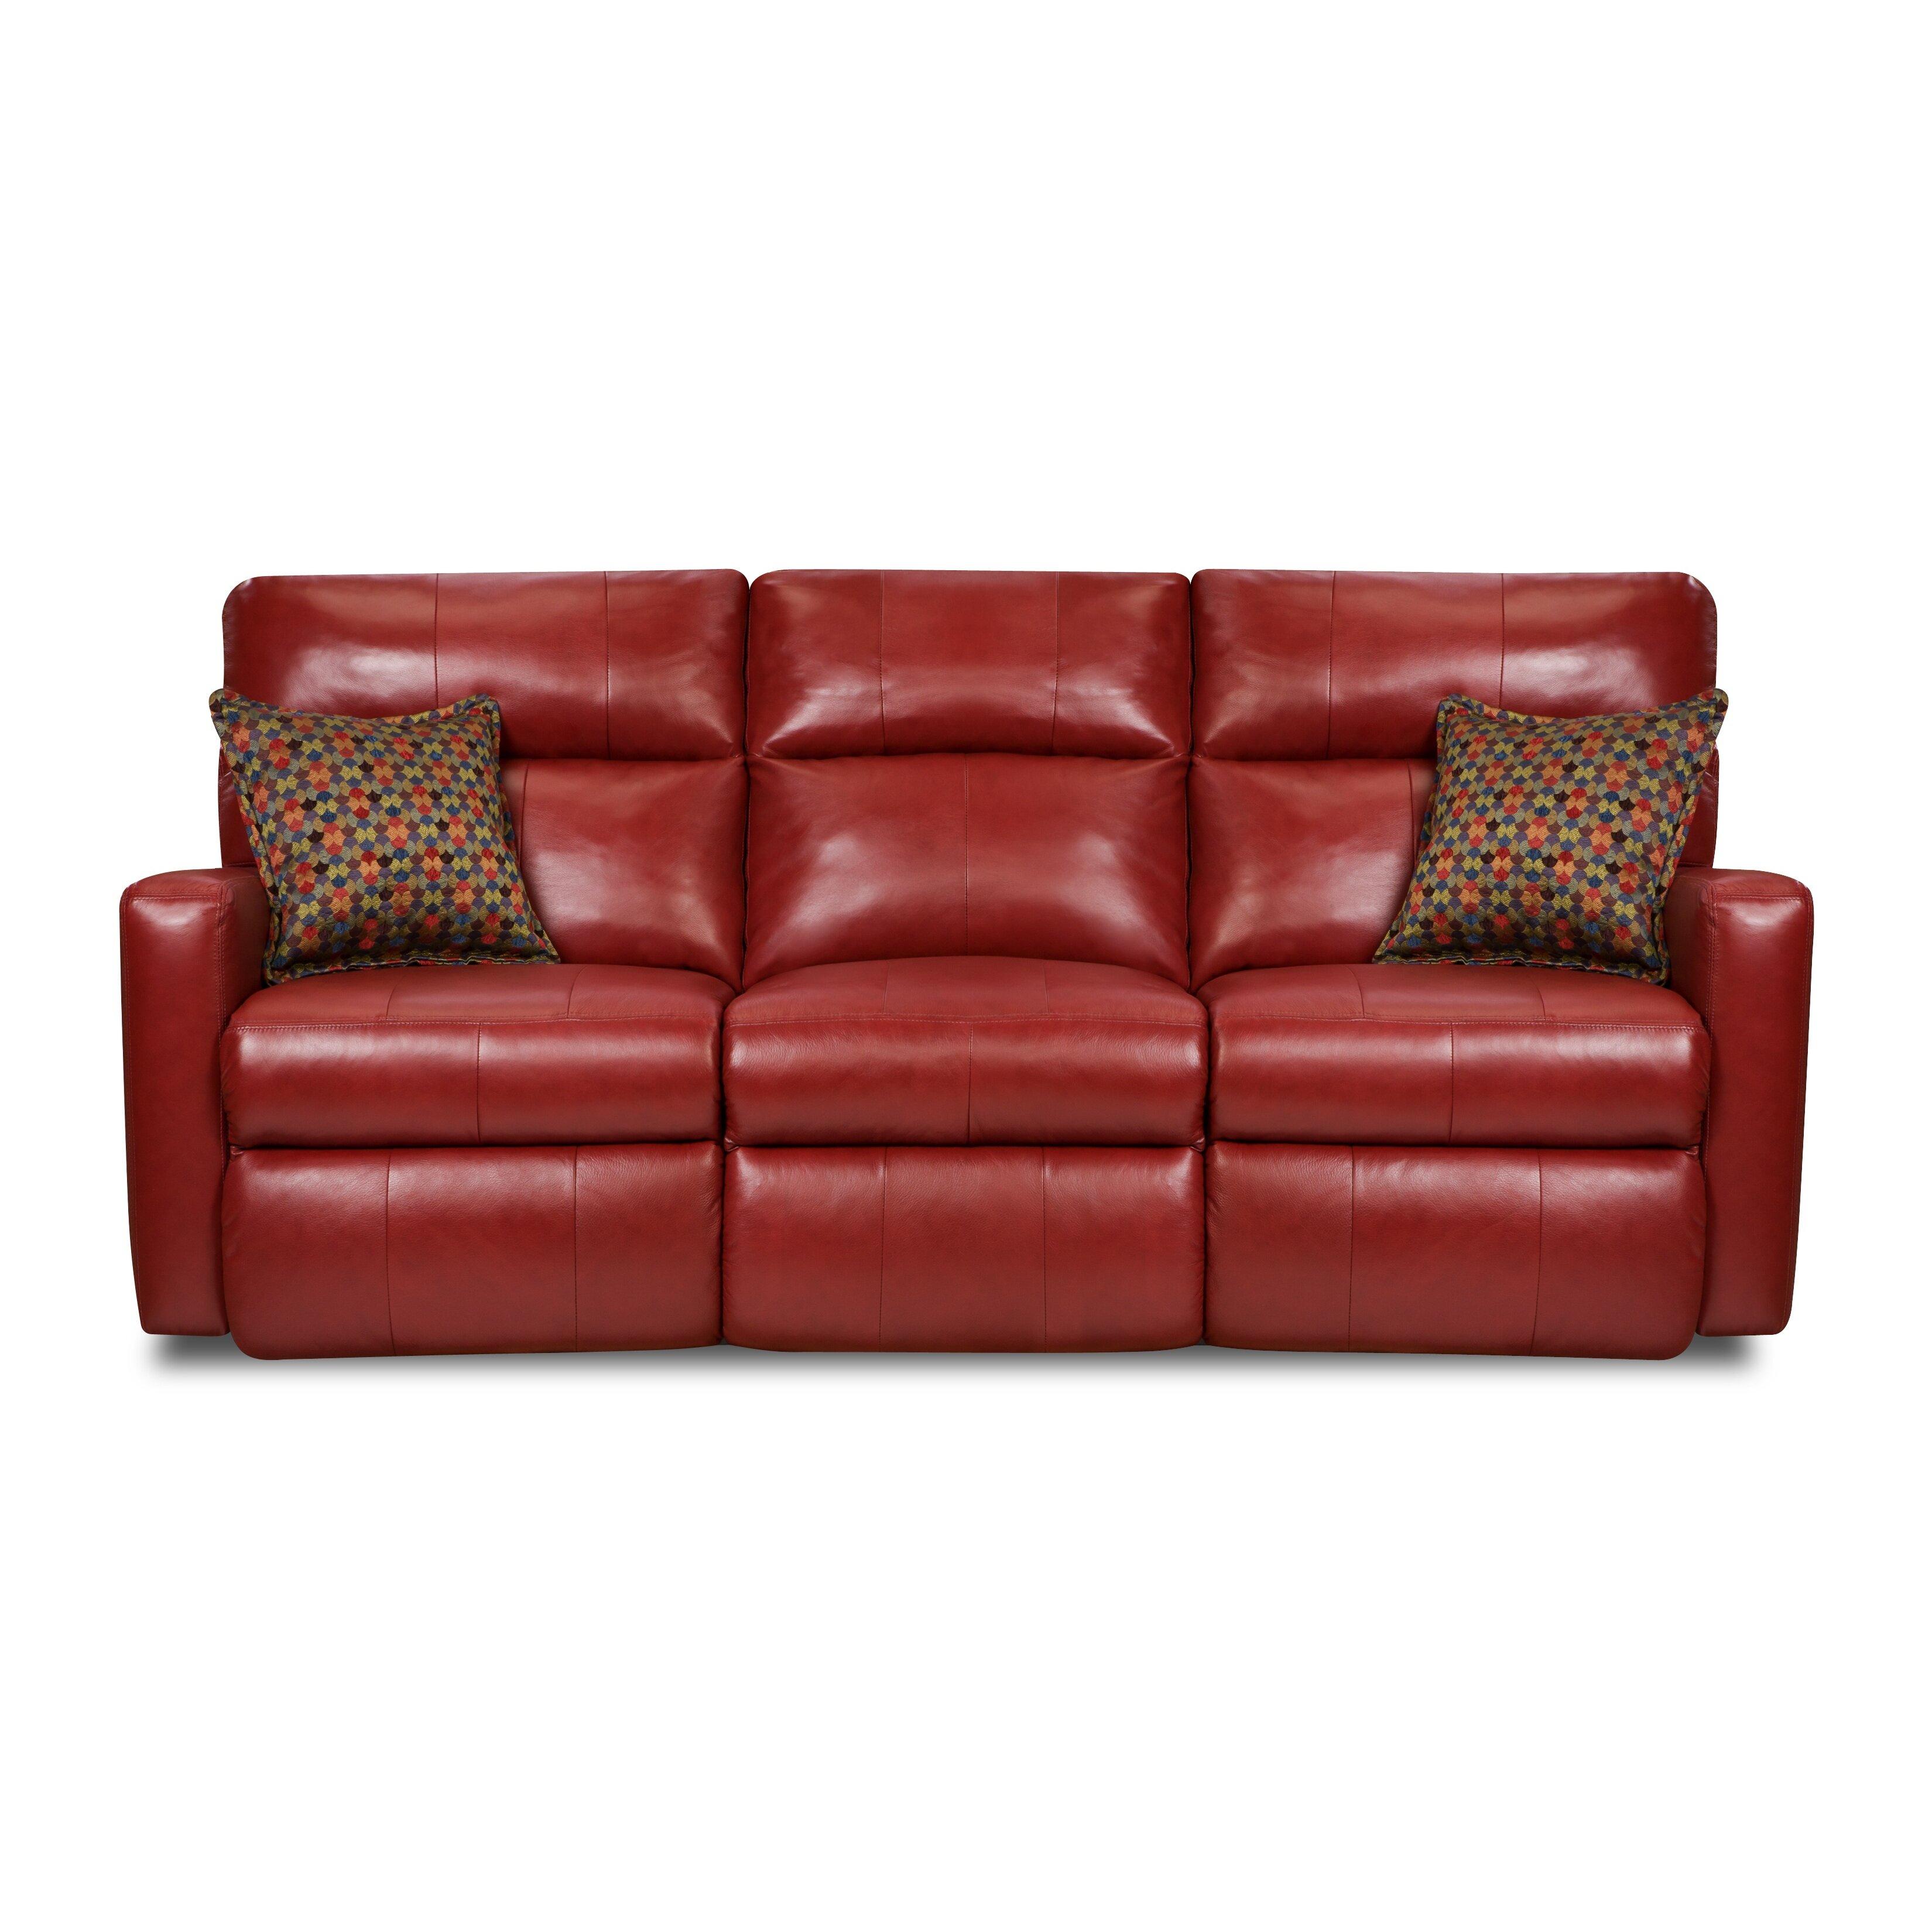 Southern Motion Savannah Reclining Sofa & Reviews